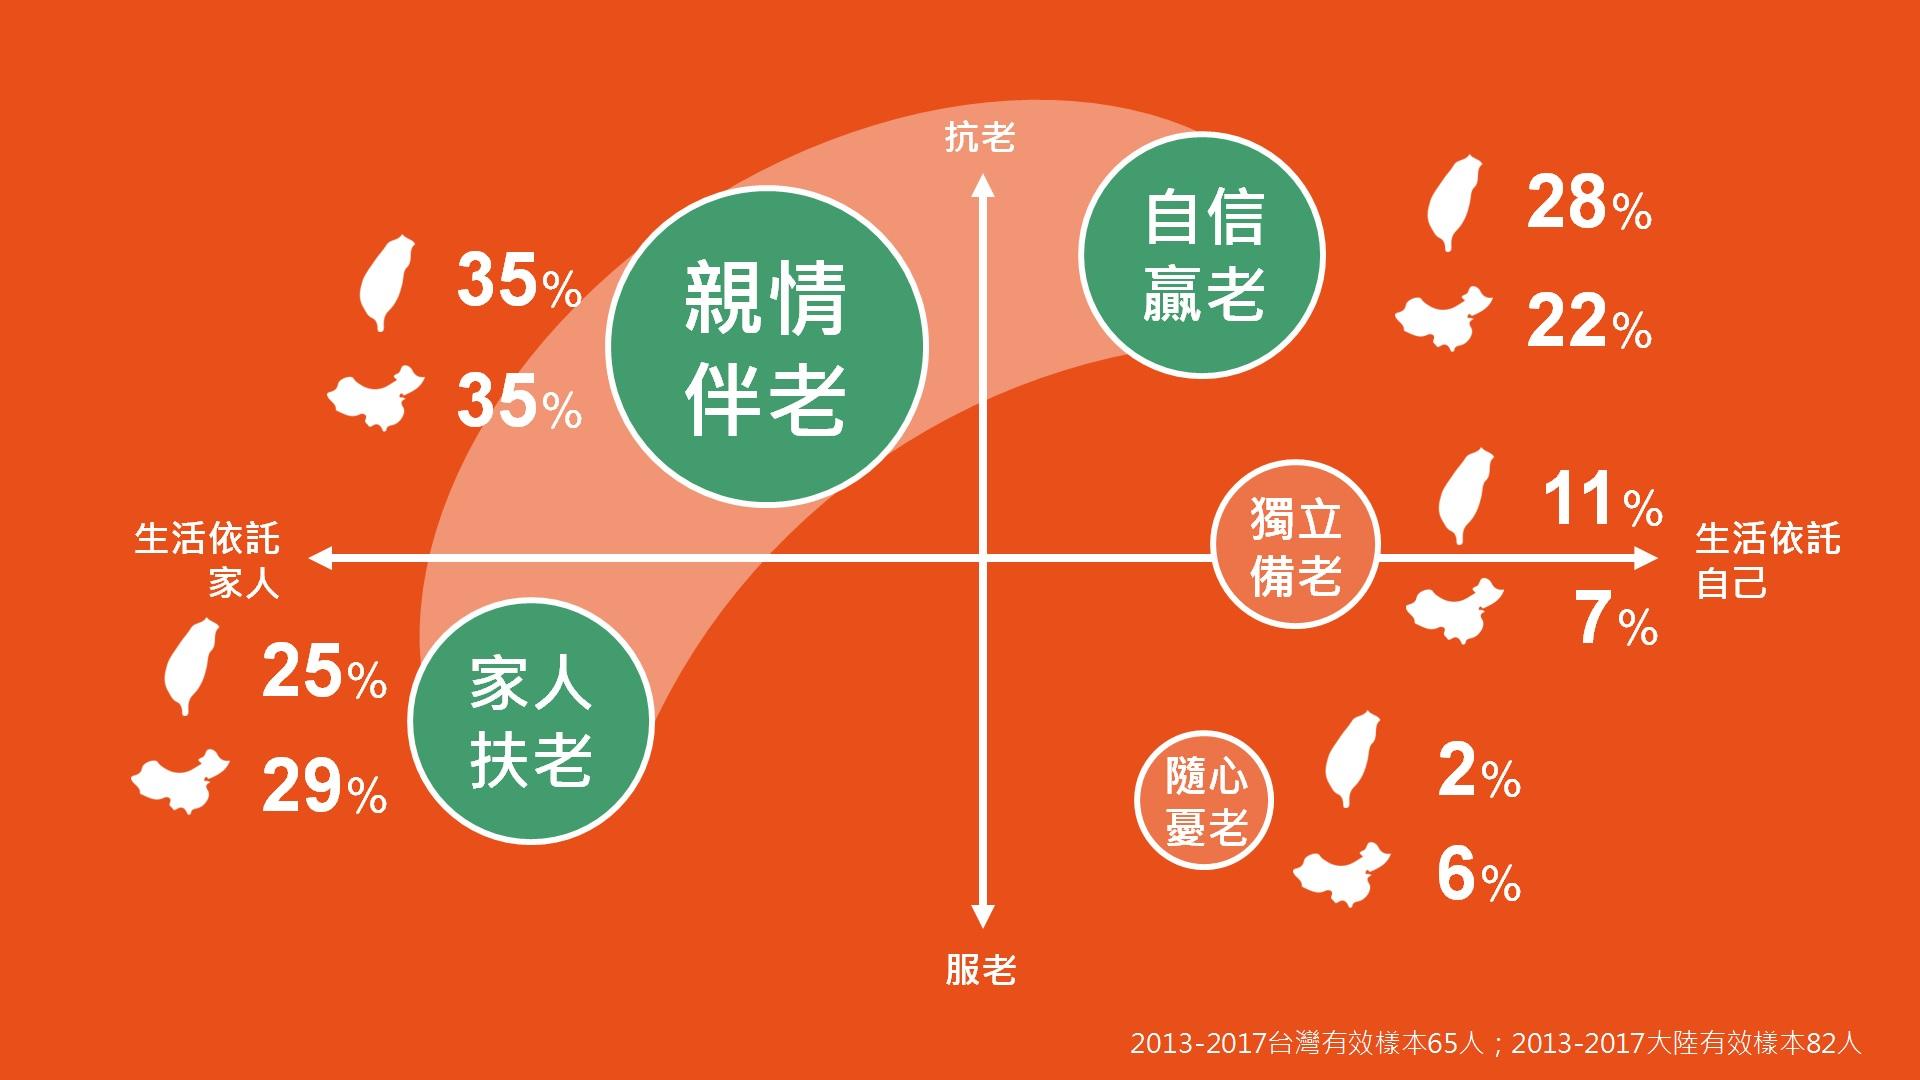 %e8%b2%a0%e8%b2%ac%e4%bb%bb%e7%9a%84%e7%84%a1%e9%bd%a1%e8%a8%ad%e8%a8%88-%e5%b0%87%e9%80%a0%e7%a6%8f%e4%b8%8a%e5%84%84%e7%86%9f%e9%bd%a1%e4%ba%ba%e5%8f%a3-%e5%85%a7%e6%96%87%e5%9c%96%e4%b8%80